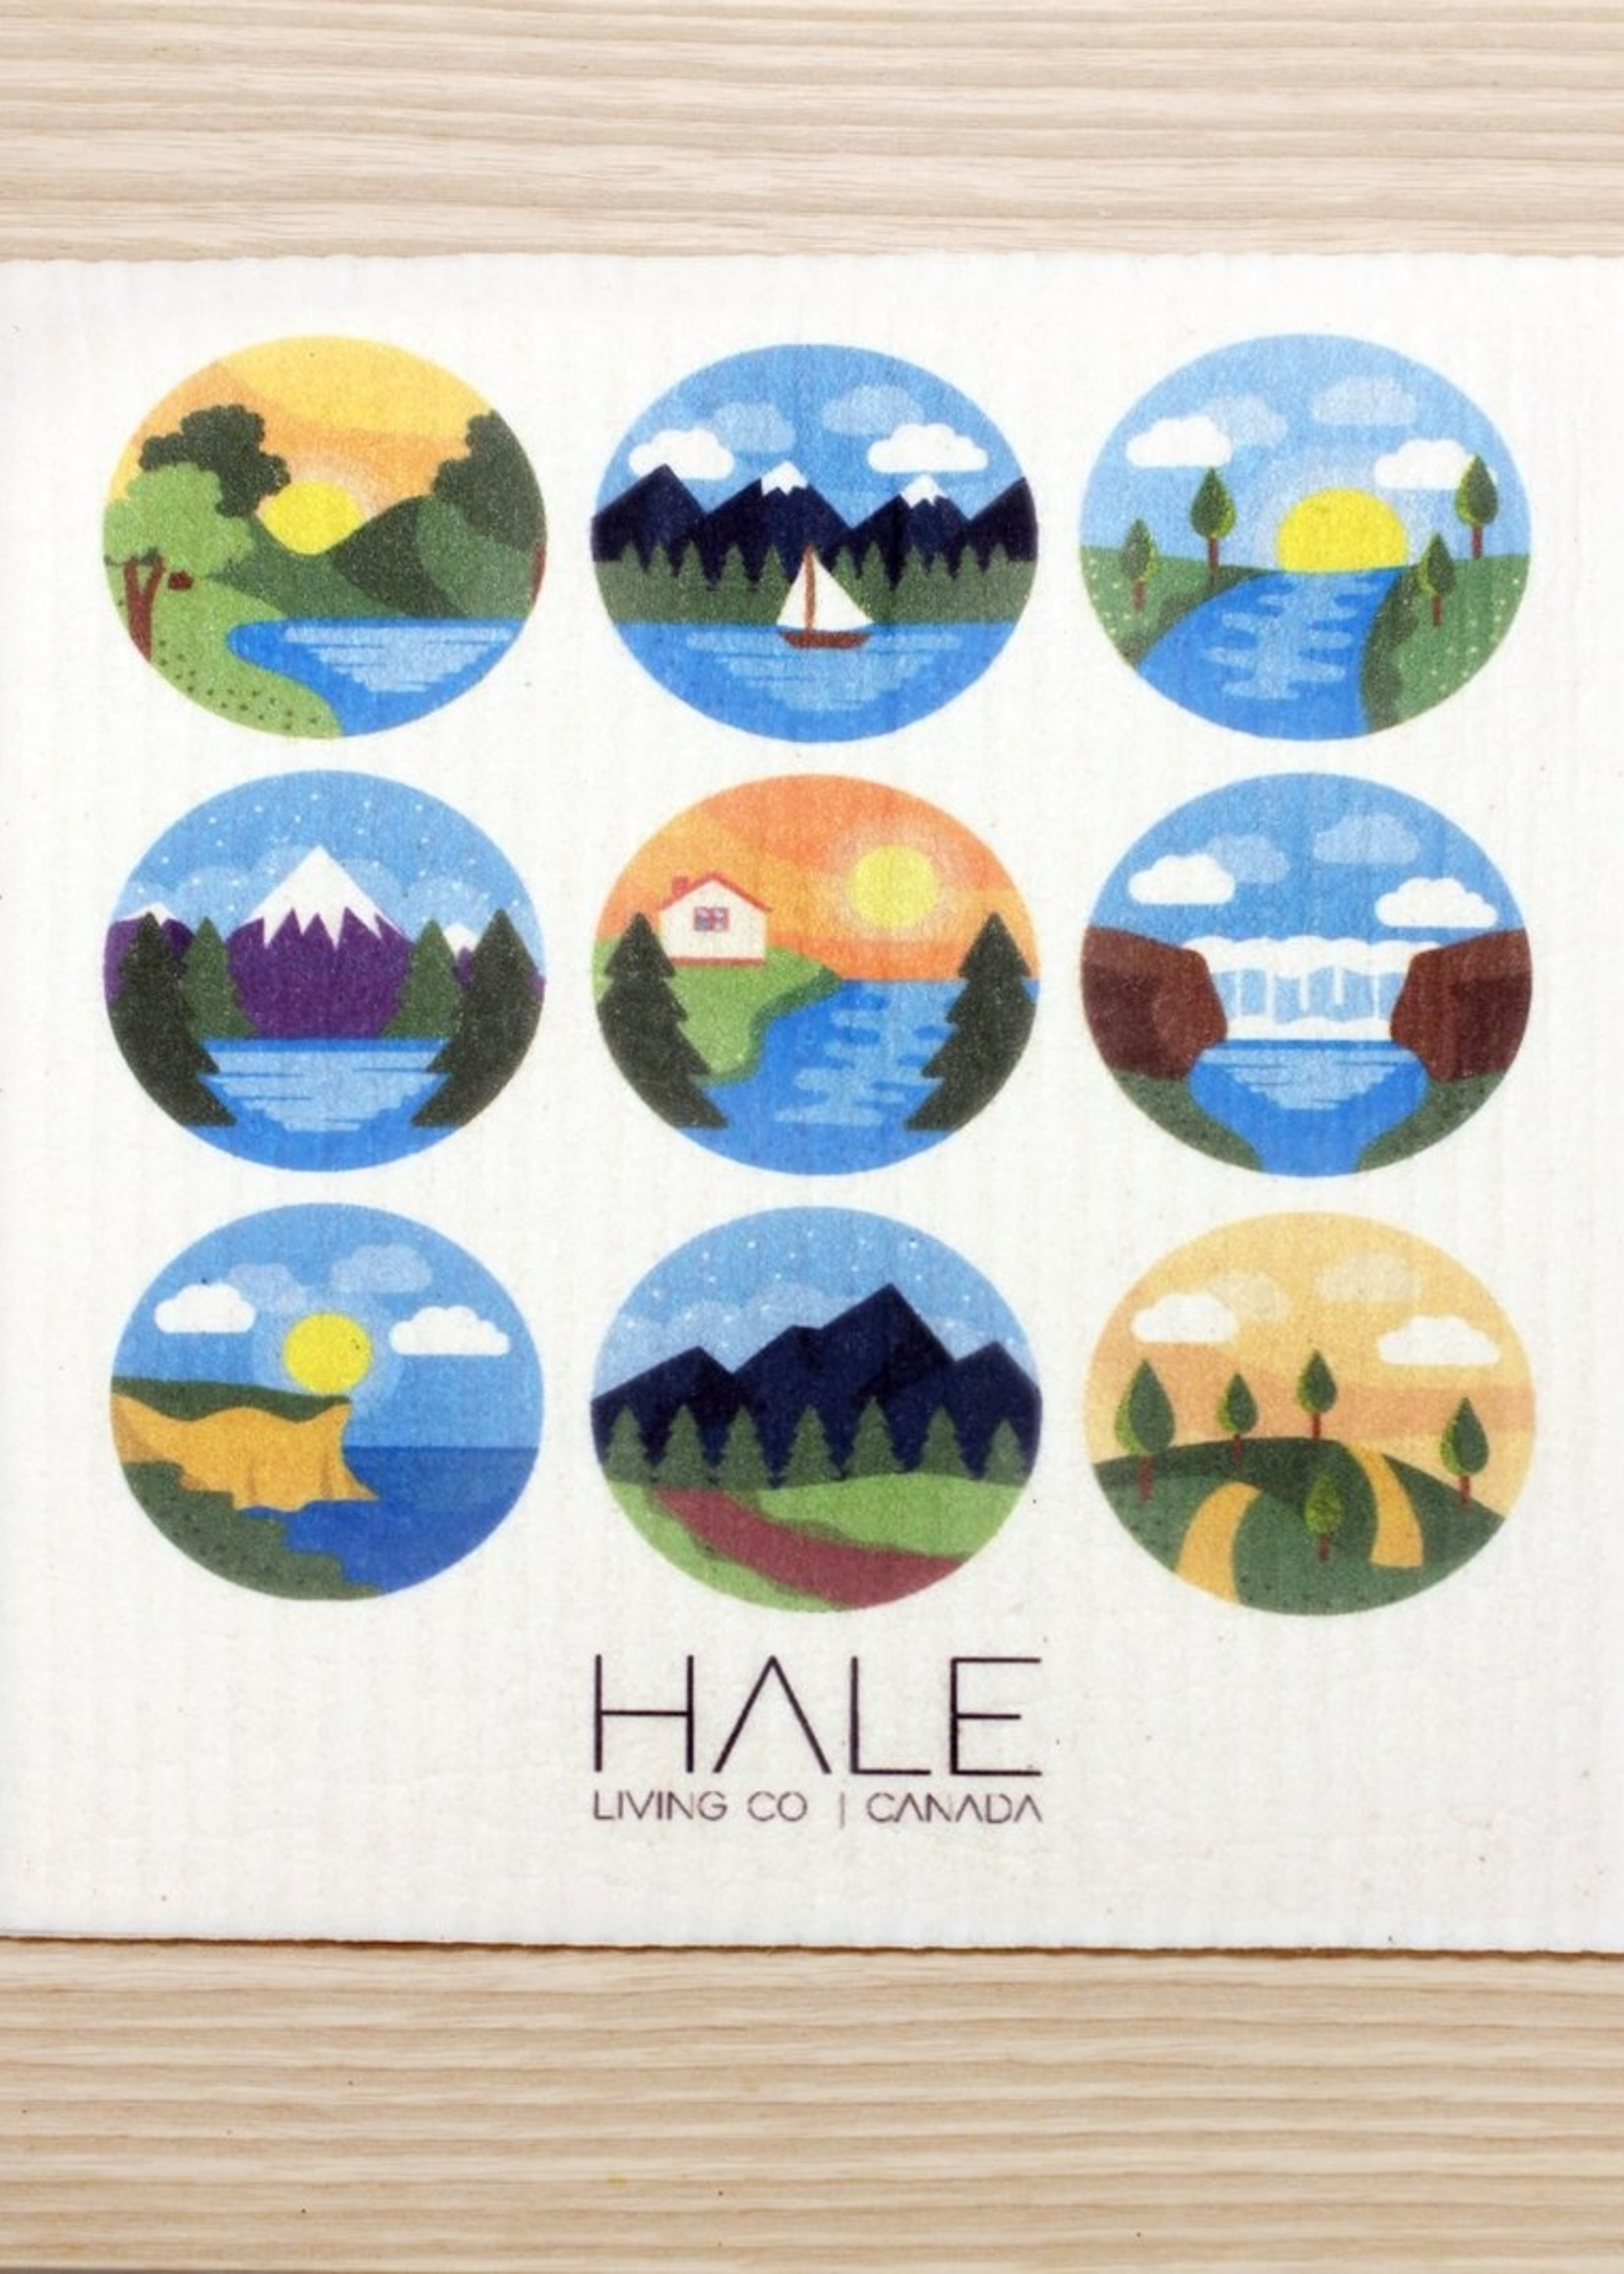 Hale Soap Co. Reusable Sponge Cloth